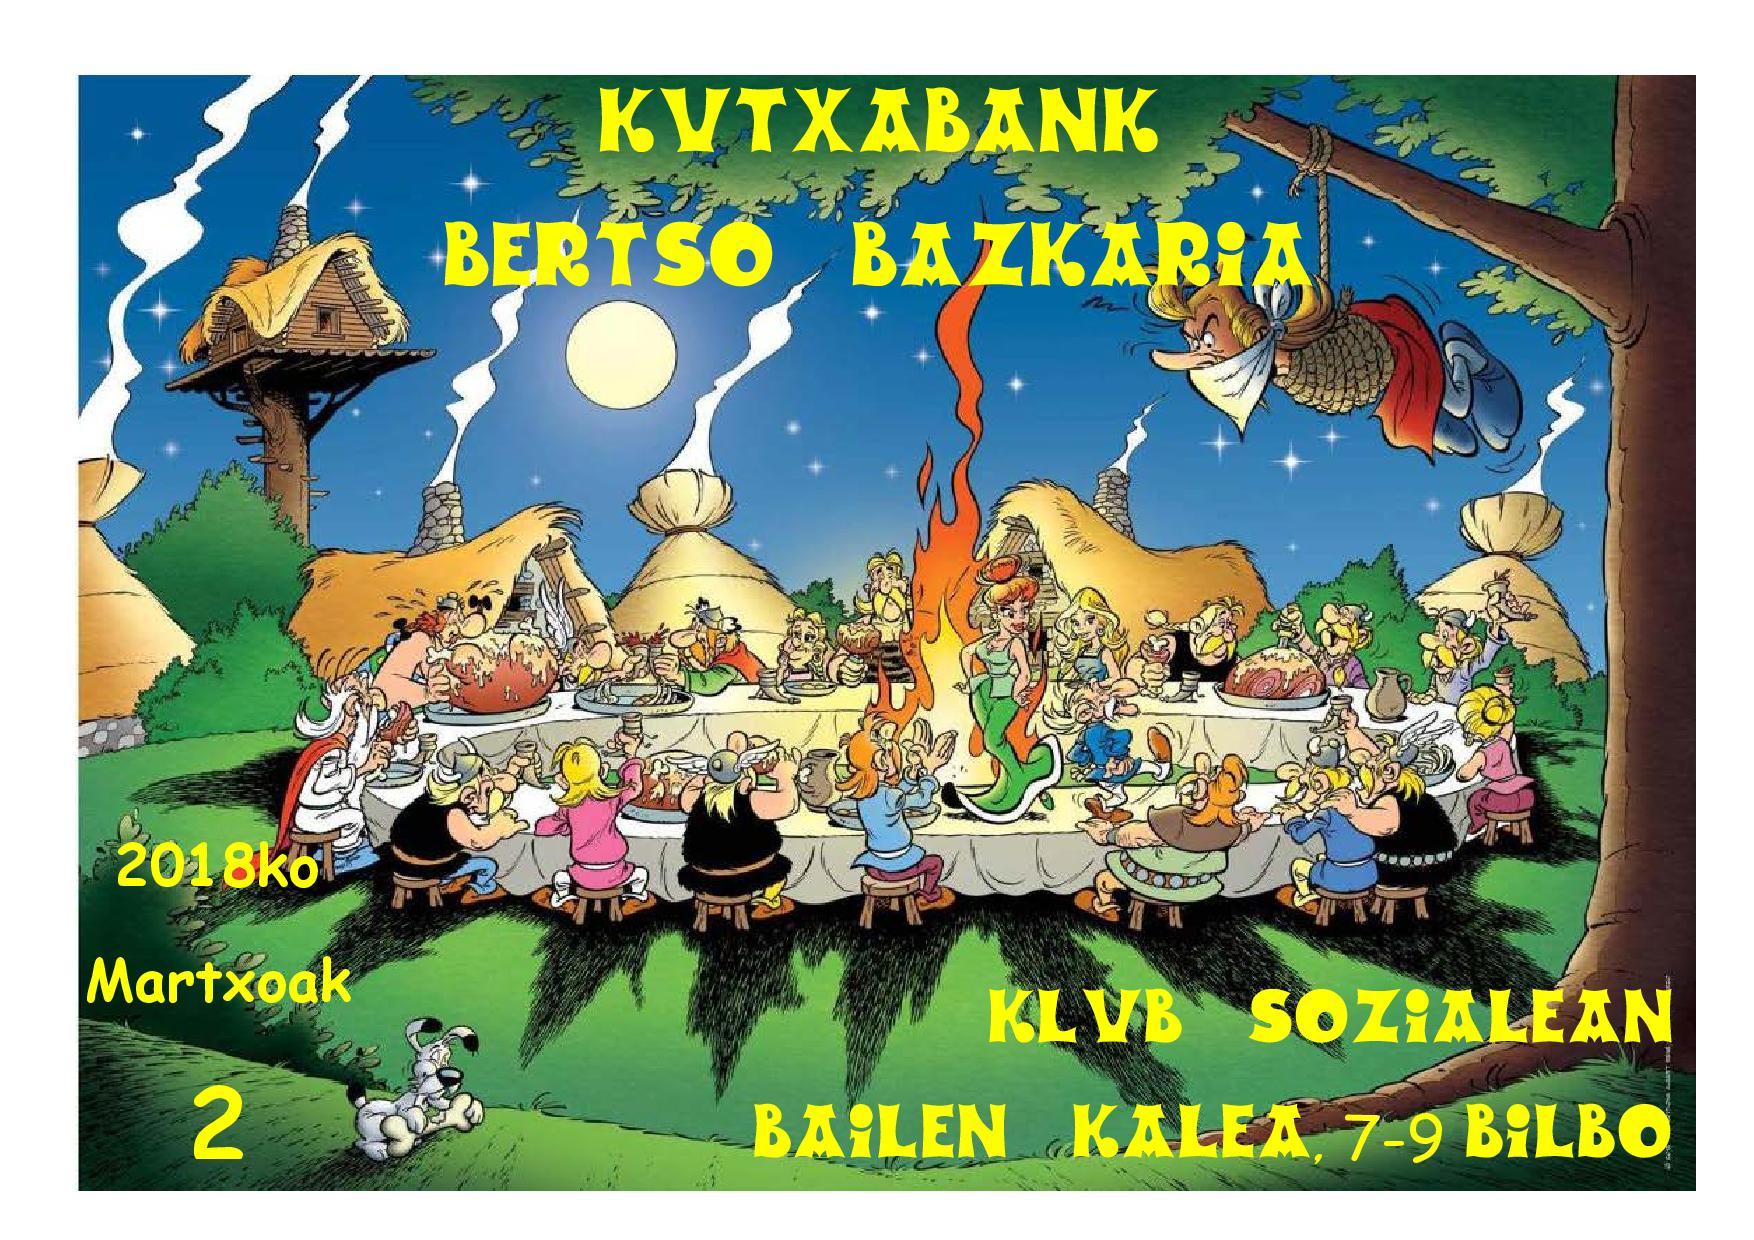 BERTSO BAZKARIA